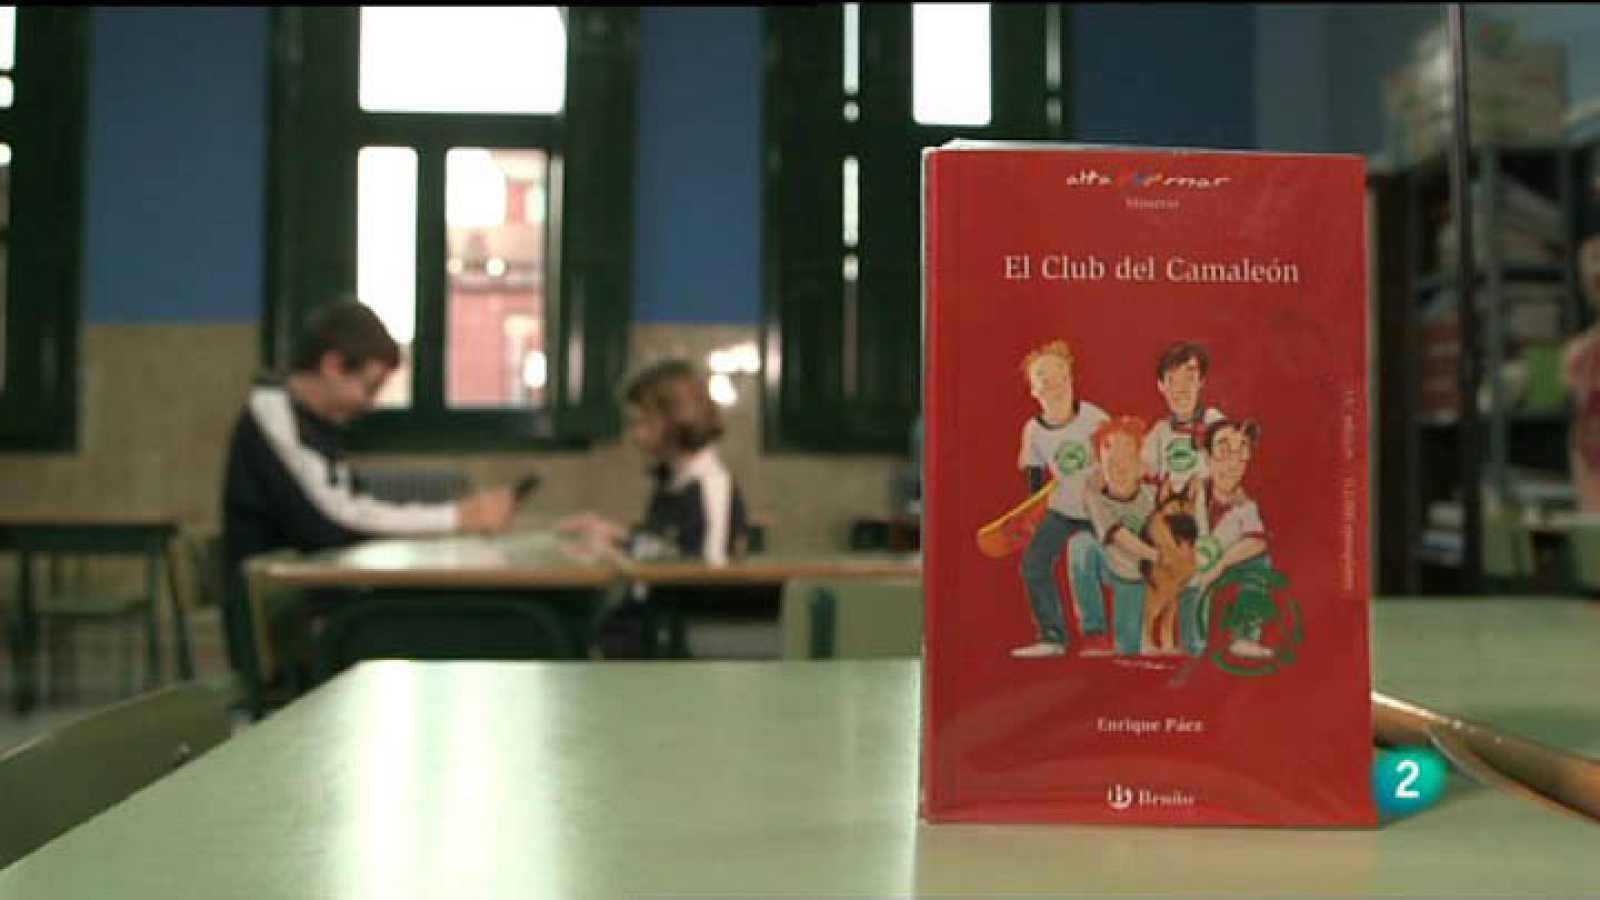 """Página 2 - Miniclub de lectura - """"El Club del Camaleón"""" (Bruño) de Enrique Páez"""